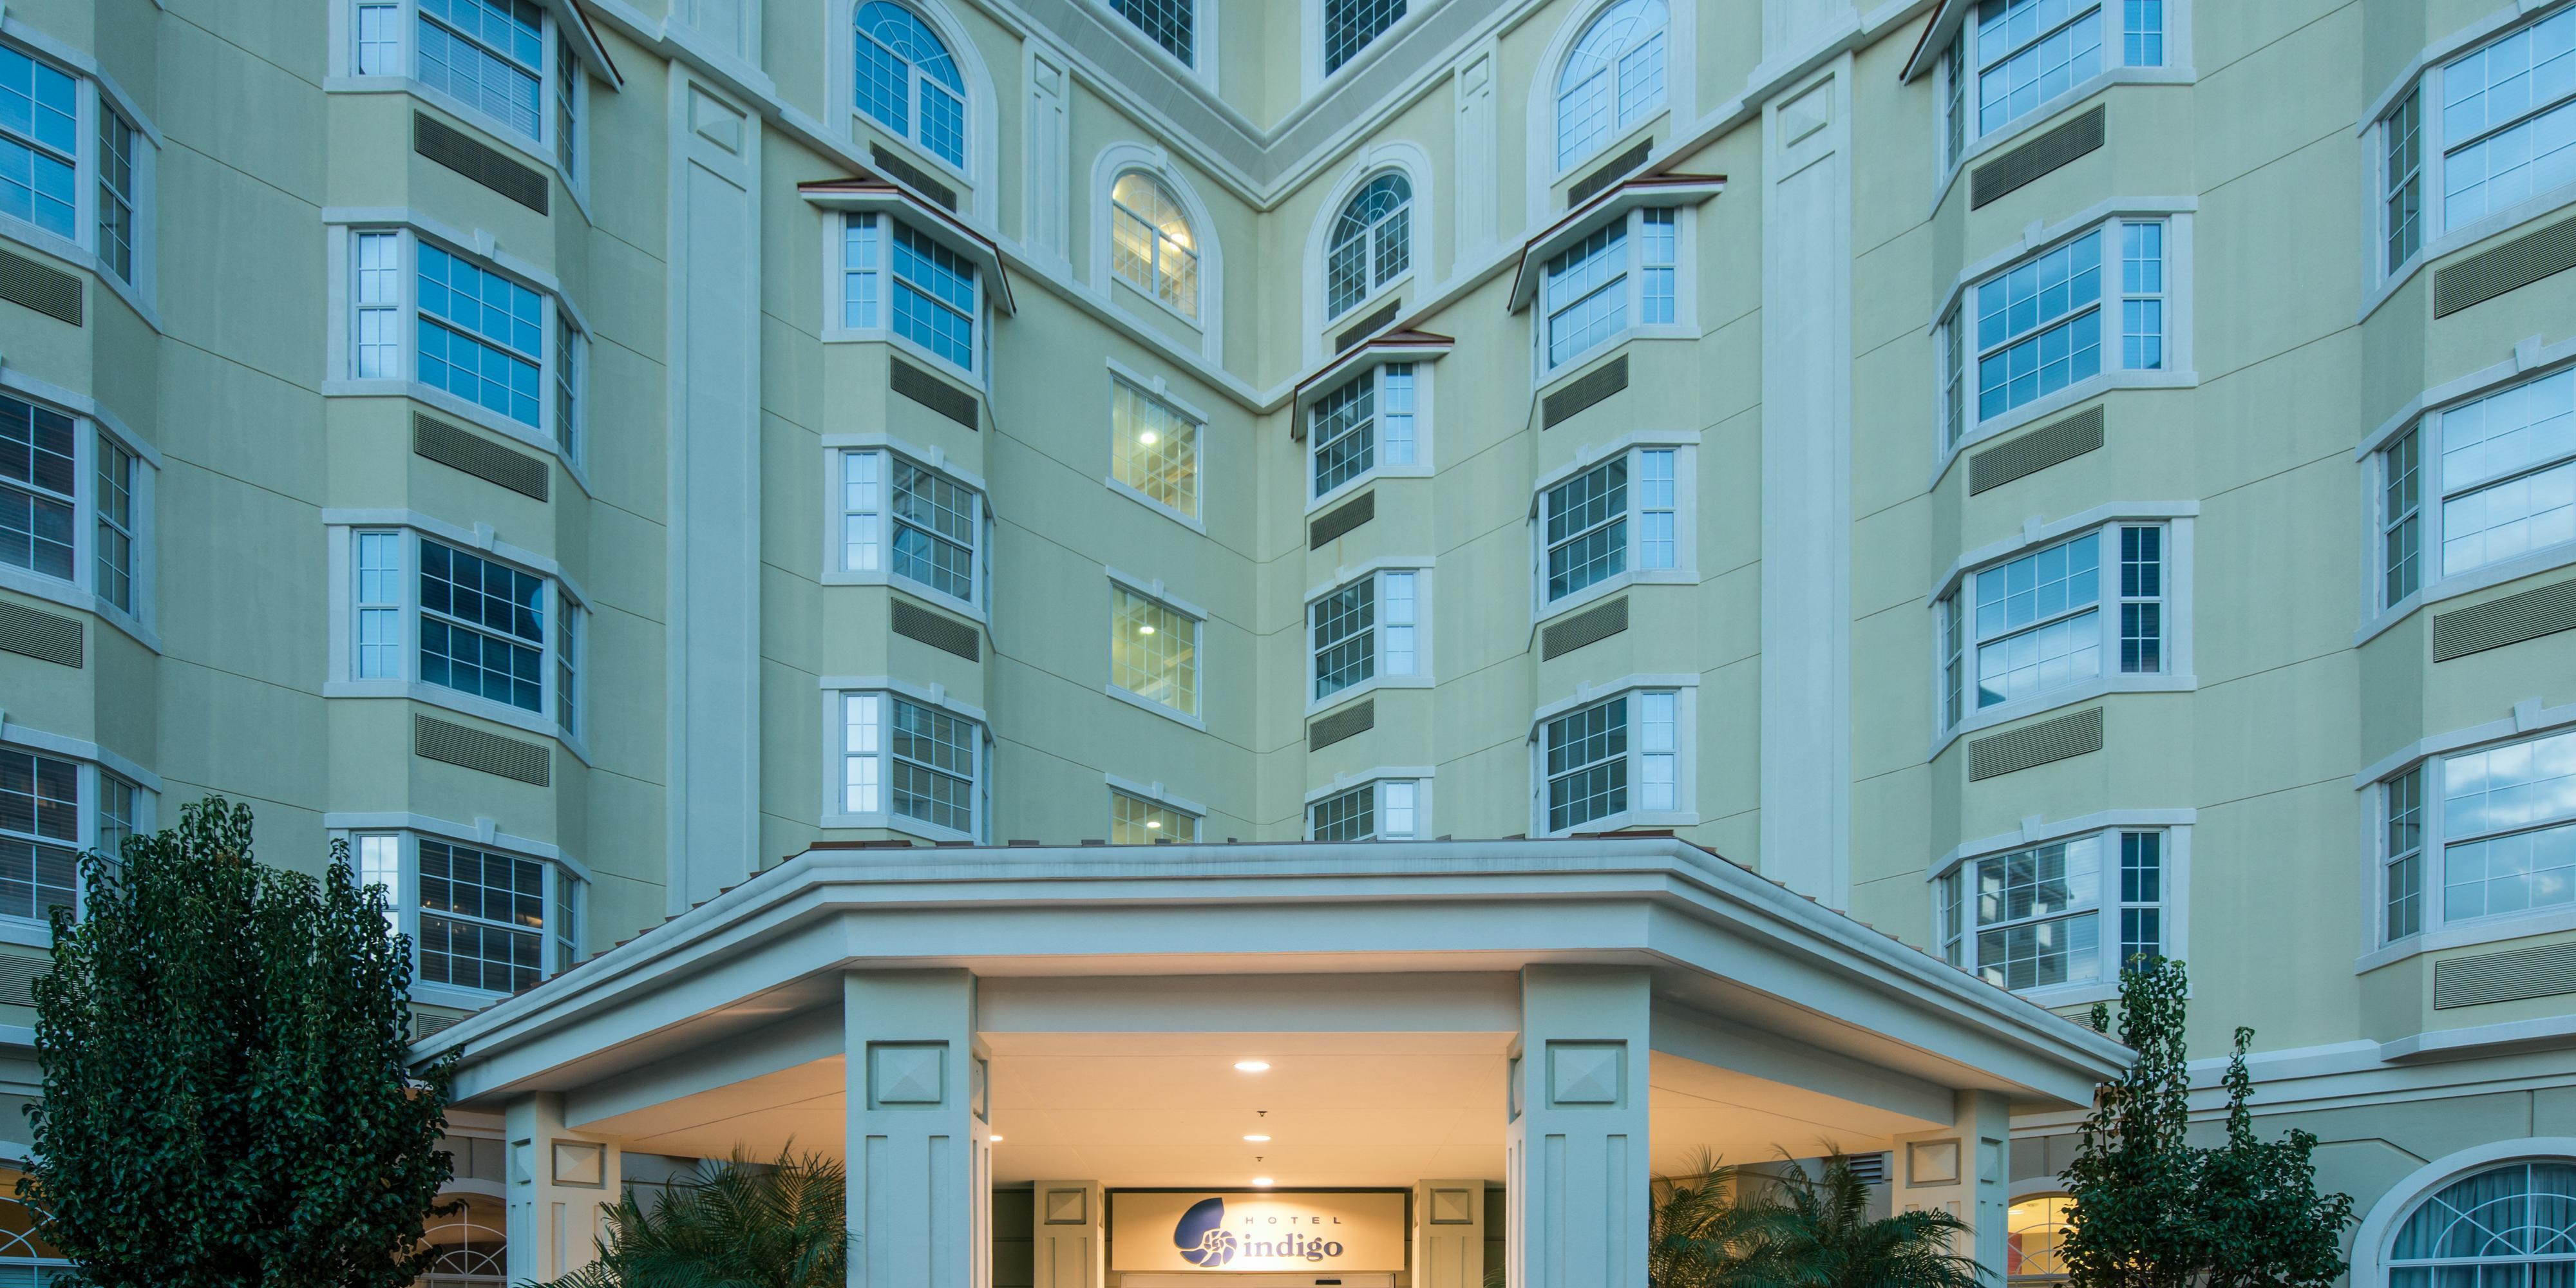 Hotel Indigo Houston At The Galleria Exterior ...